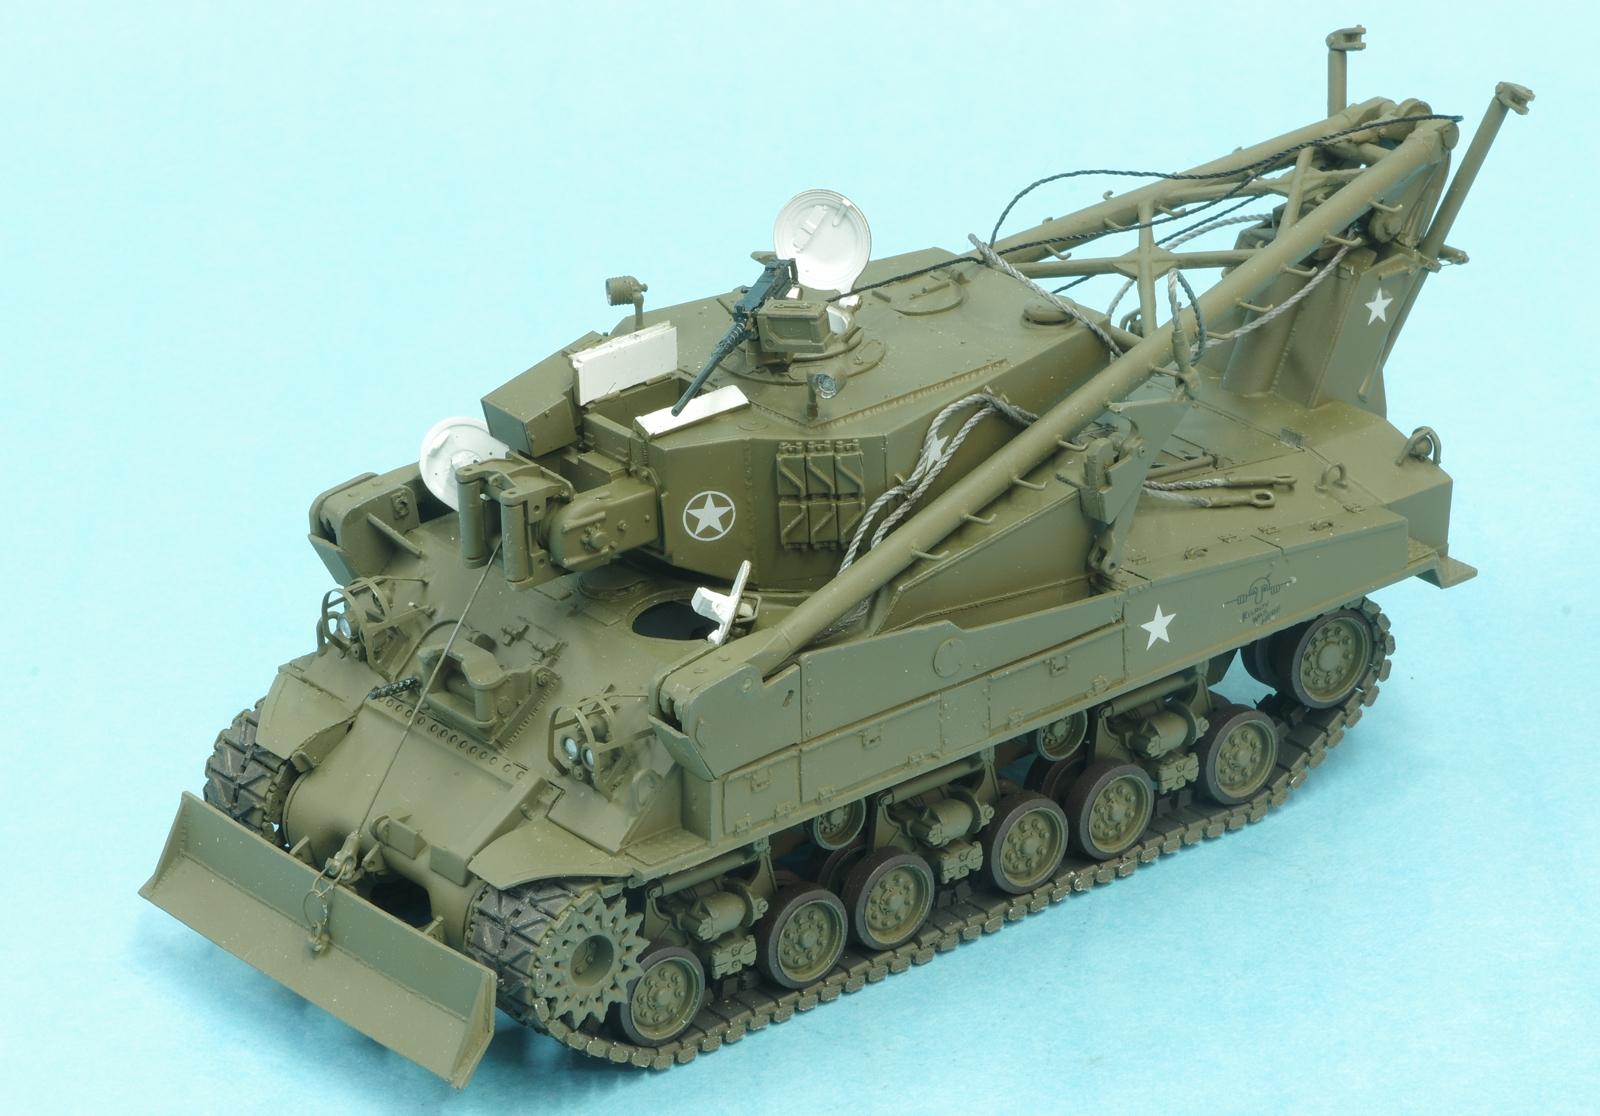 http://goldeneramodel.com/mymodels/armor/m74/044m74.jpg